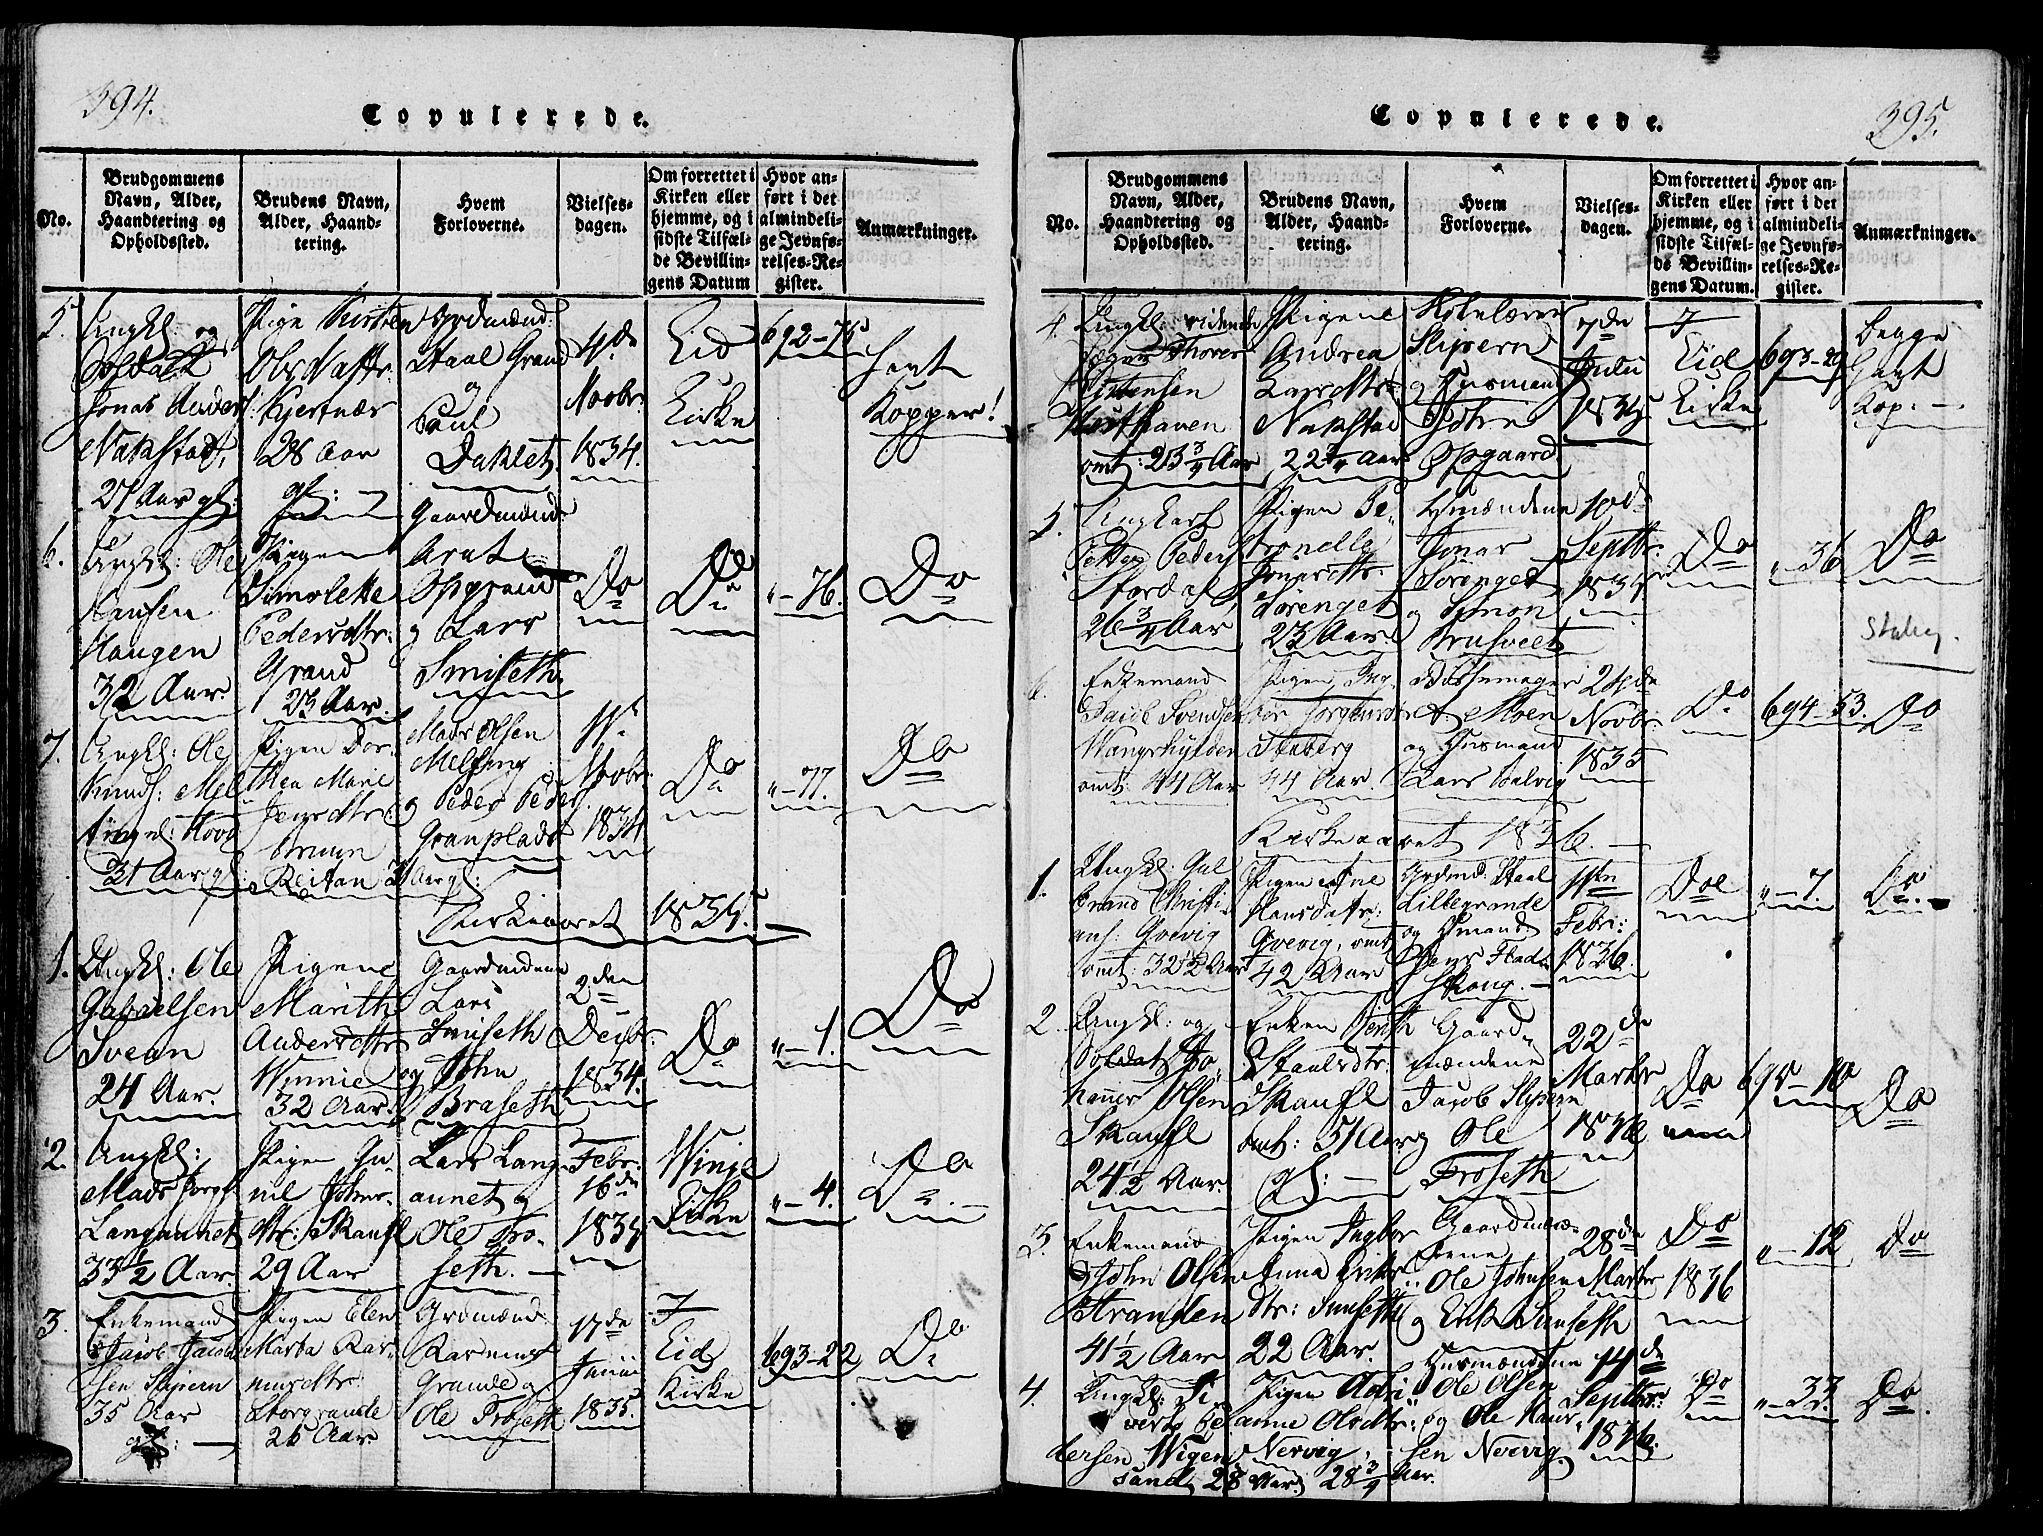 SAT, Ministerialprotokoller, klokkerbøker og fødselsregistre - Nord-Trøndelag, 733/L0322: Ministerialbok nr. 733A01, 1817-1842, s. 394-395